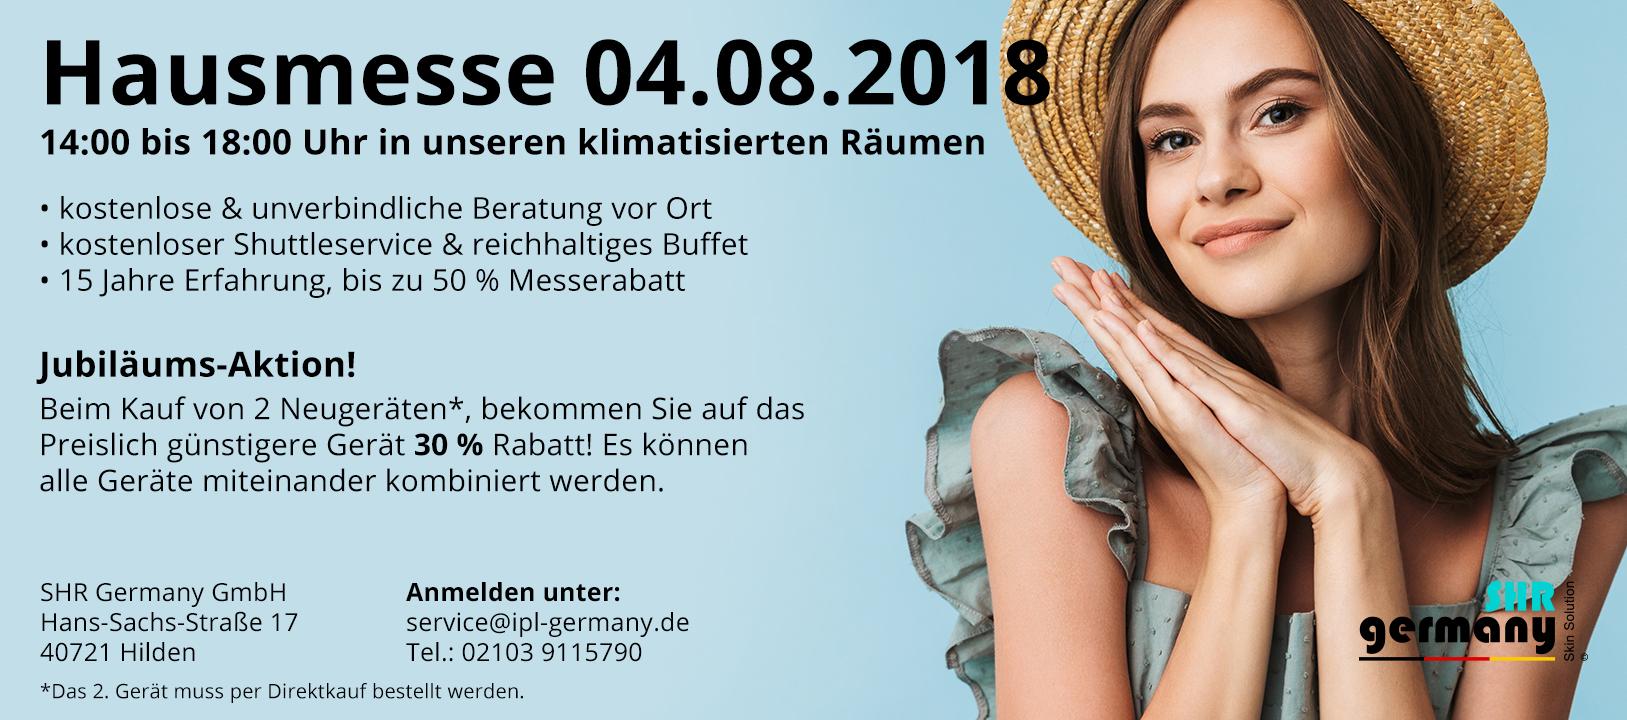 SHR_ipl_FLYER_HAUSMESSE_GERMANY_22